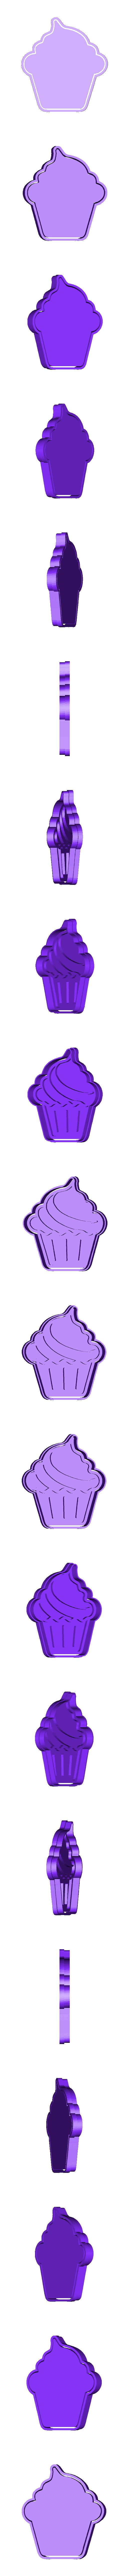 Cupcake.STL Télécharger fichier STL gratuit JEU DE 7 EMPORTE-PIÈCES POUR LES ANNIVERSAIRES • Modèle pour impression 3D, icepro10